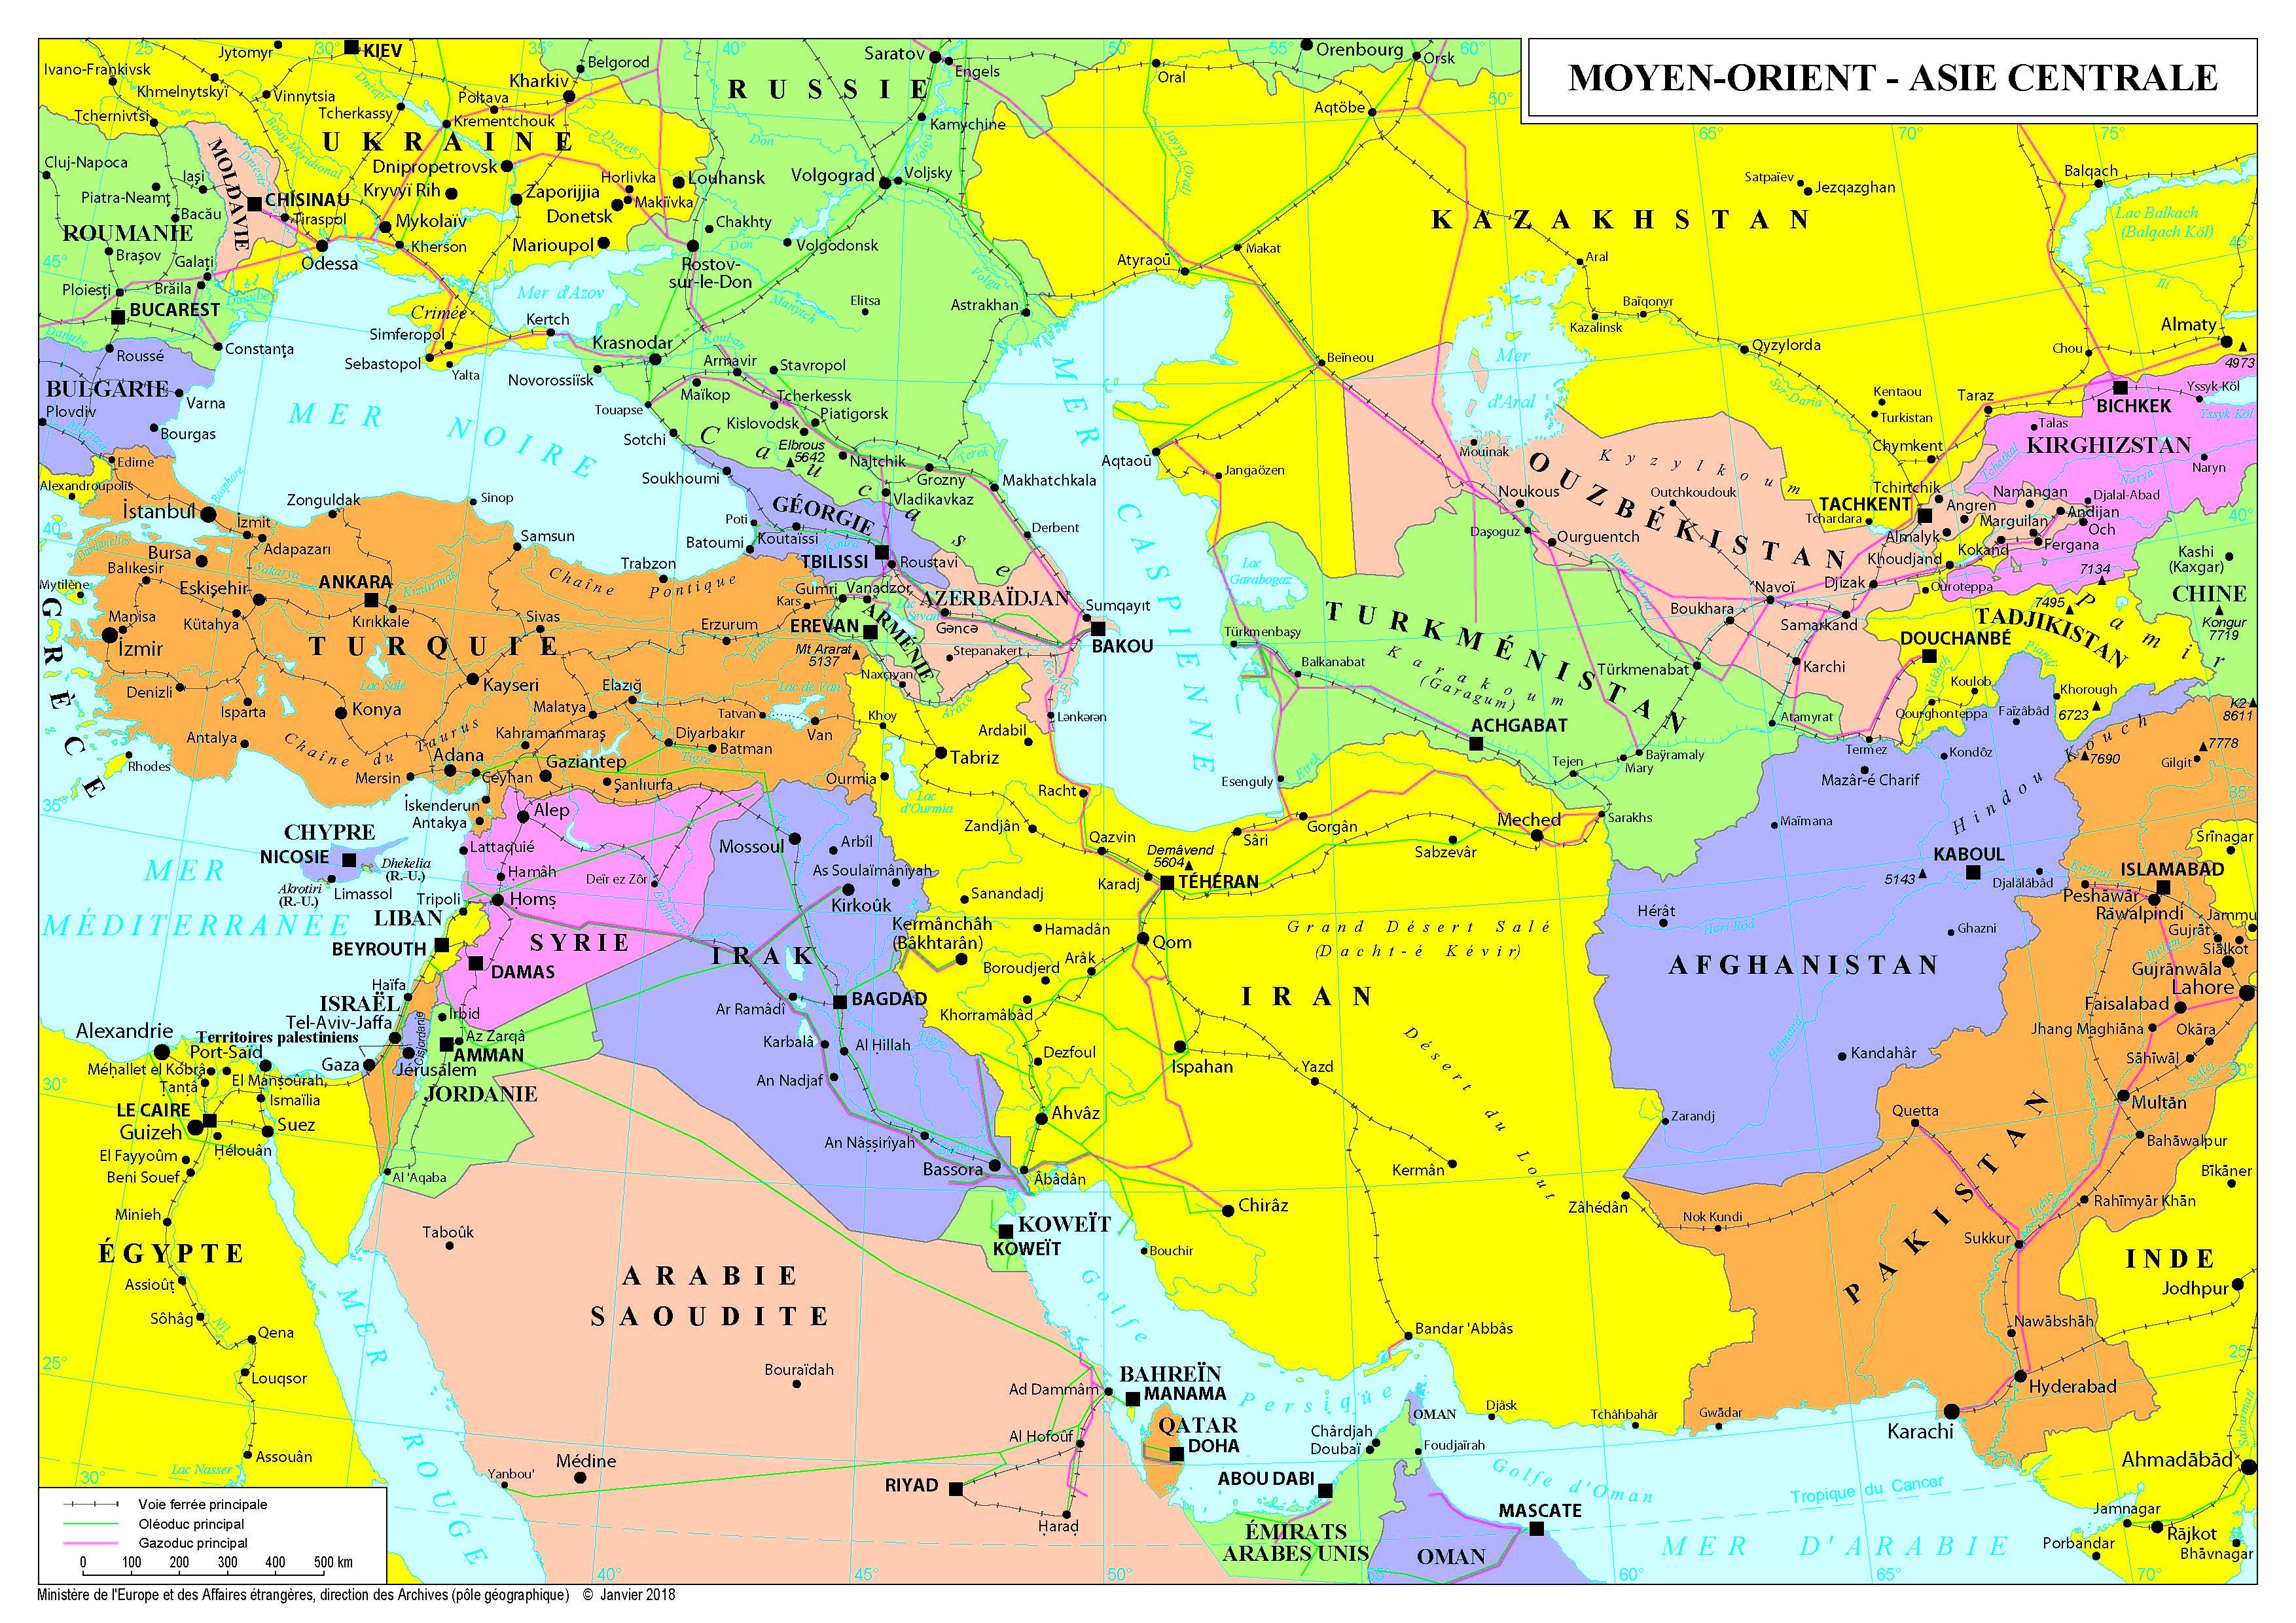 Carte De Leurope Et Moyen Orient.Afrique Du Nord Et Moyen Orient France Diplomatie